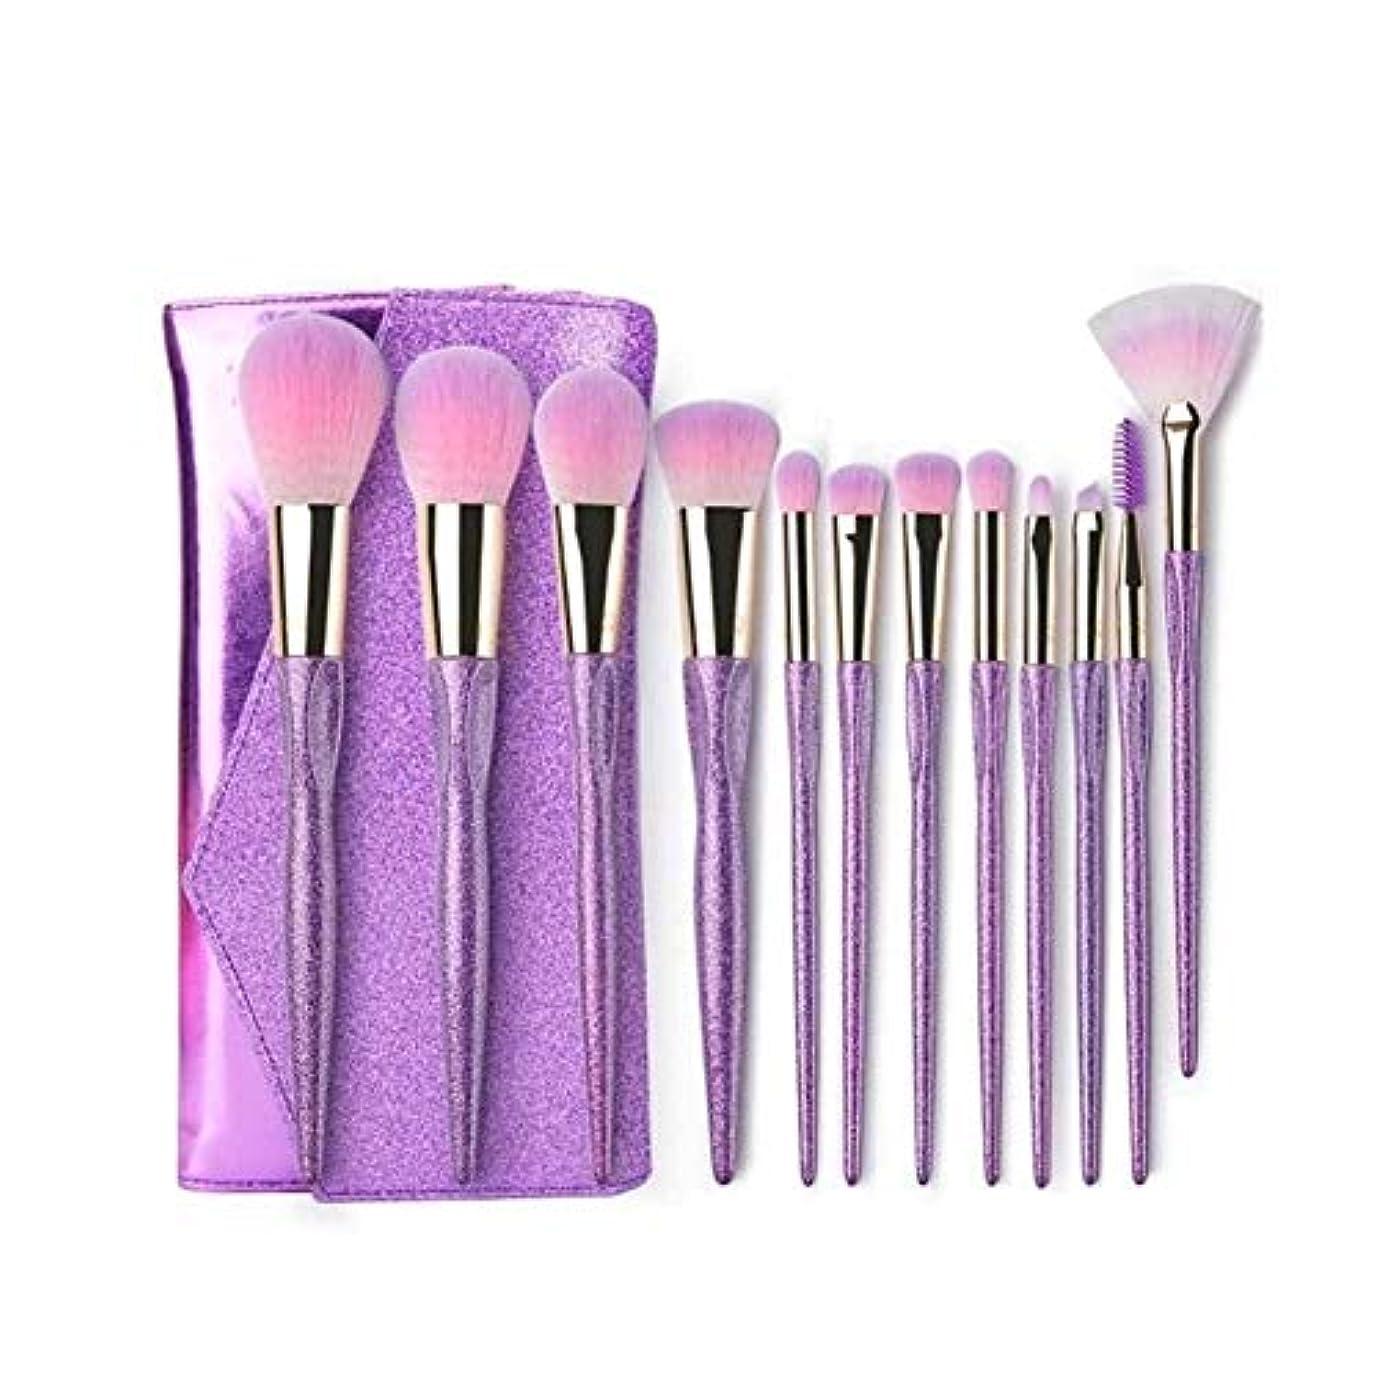 賃金道を作る命令XIAOCHAOSD メイクブラシ、12メイクブラシセット、ソフトで快適な毛、初心者メイクブラシ (Color : Purple)